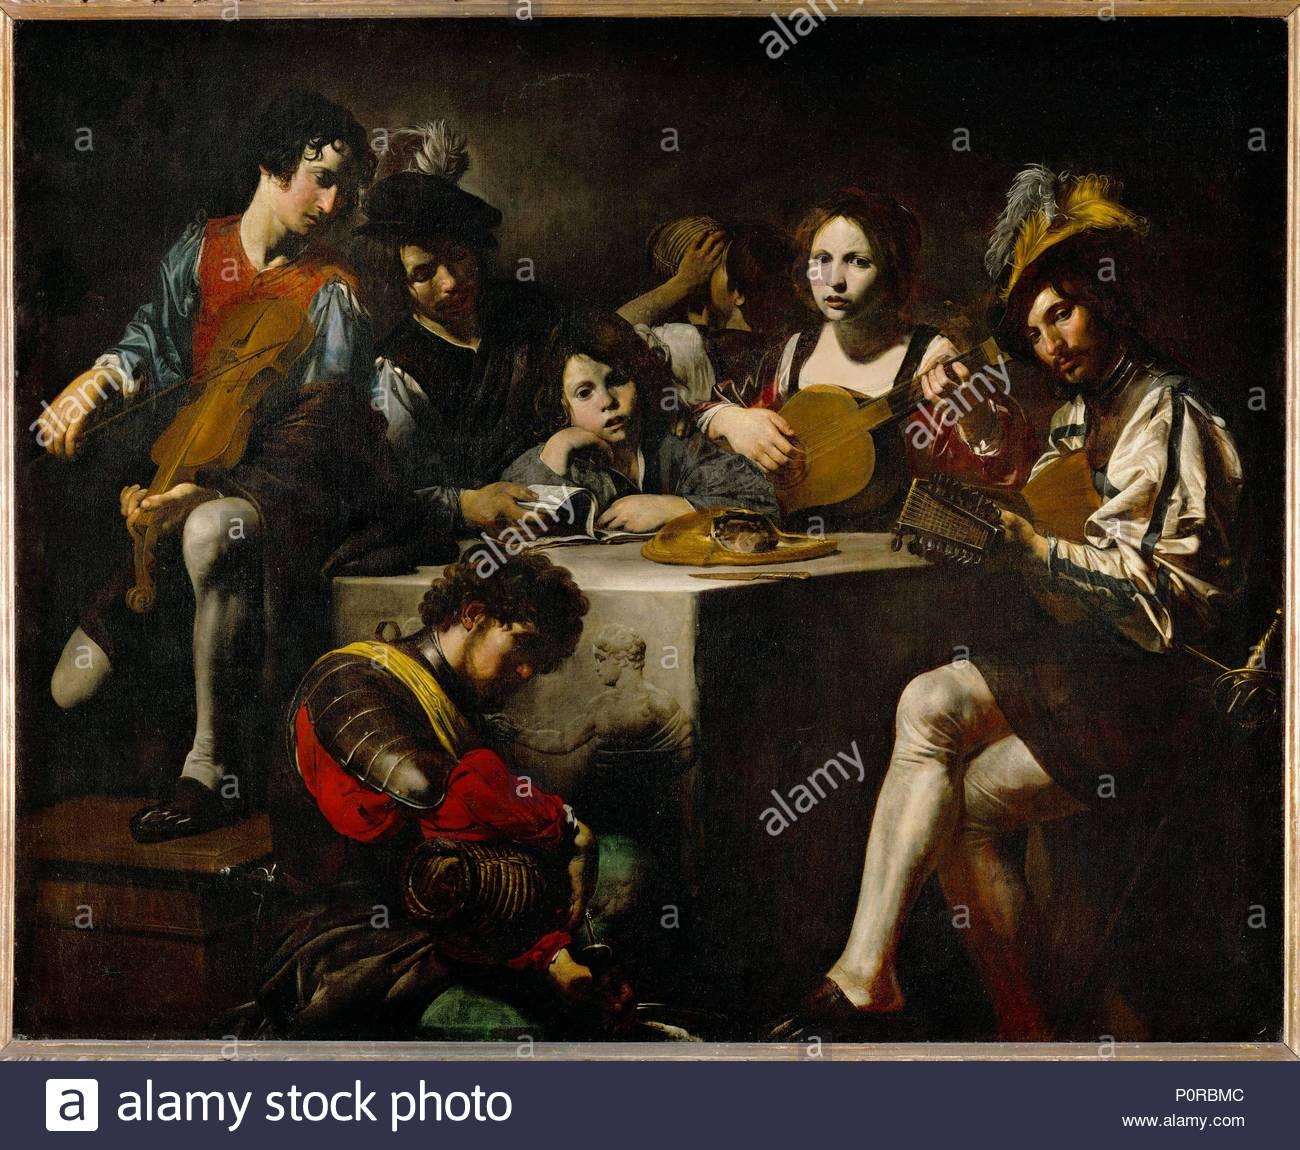 Un concert au bas-relief-A concert around the bas-relief. Canvas, 173 x 214 cm INV. 8253. Author: Valentin de Boulogne (1591-1632). Location: Louvre, Dpt. des Peintures, Paris, France. - Stock Image